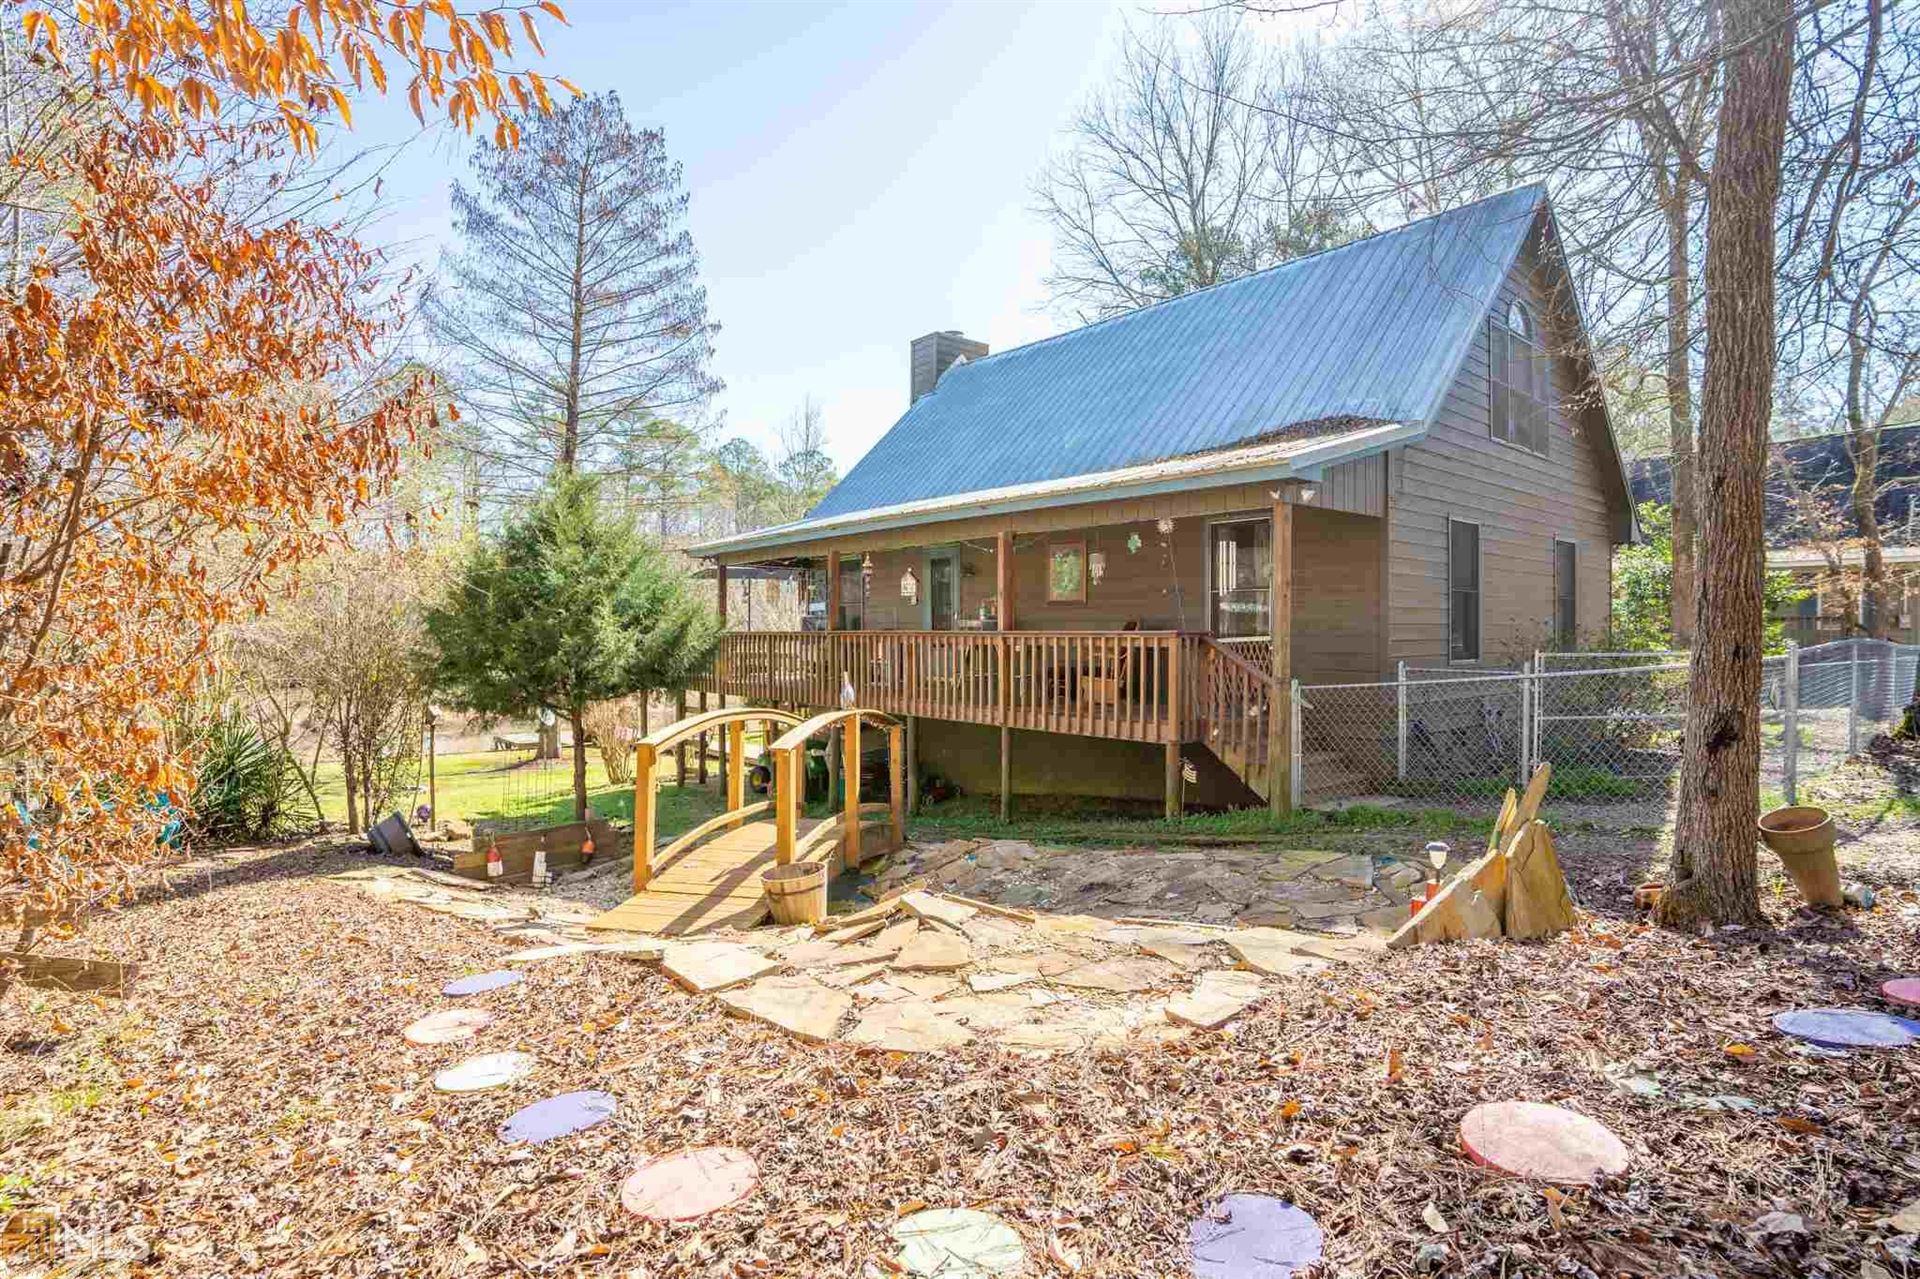 116 Woodslake Dr, Eatonton, GA 31024 - MLS#: 8934662